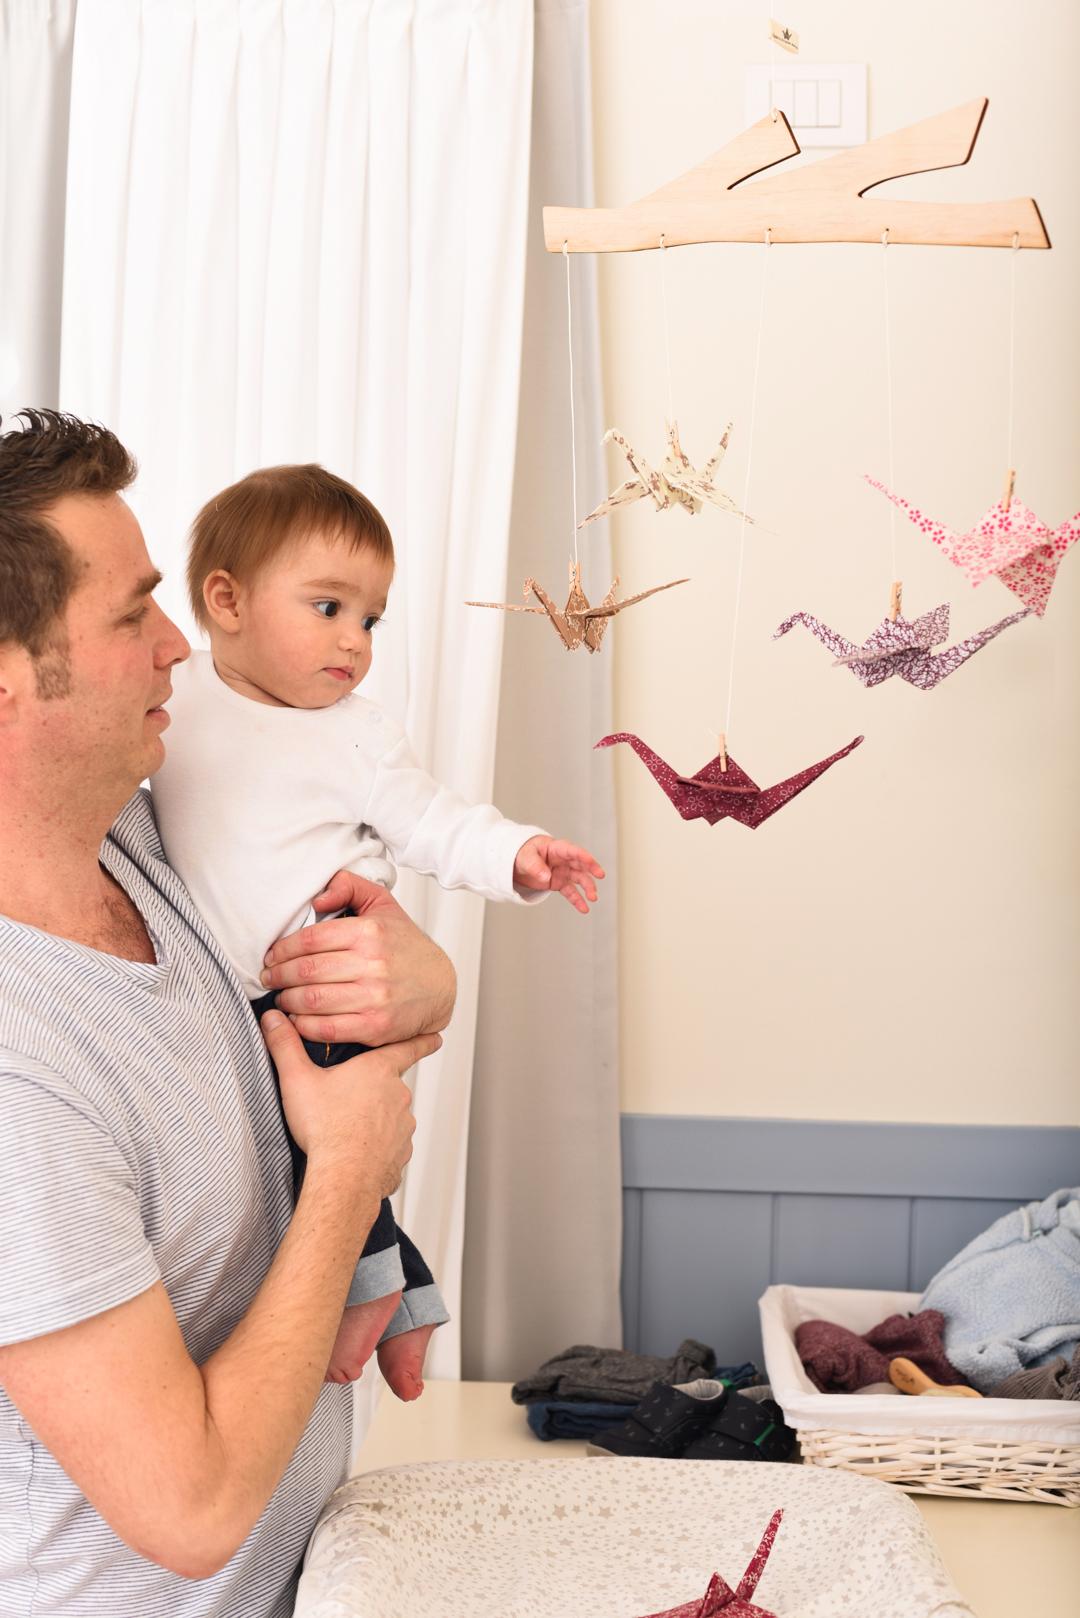 מובייל לתינוק לעיצוב לחדר ילדים - 5 עגורים ורודים מבד מחוברים למתלה ענף